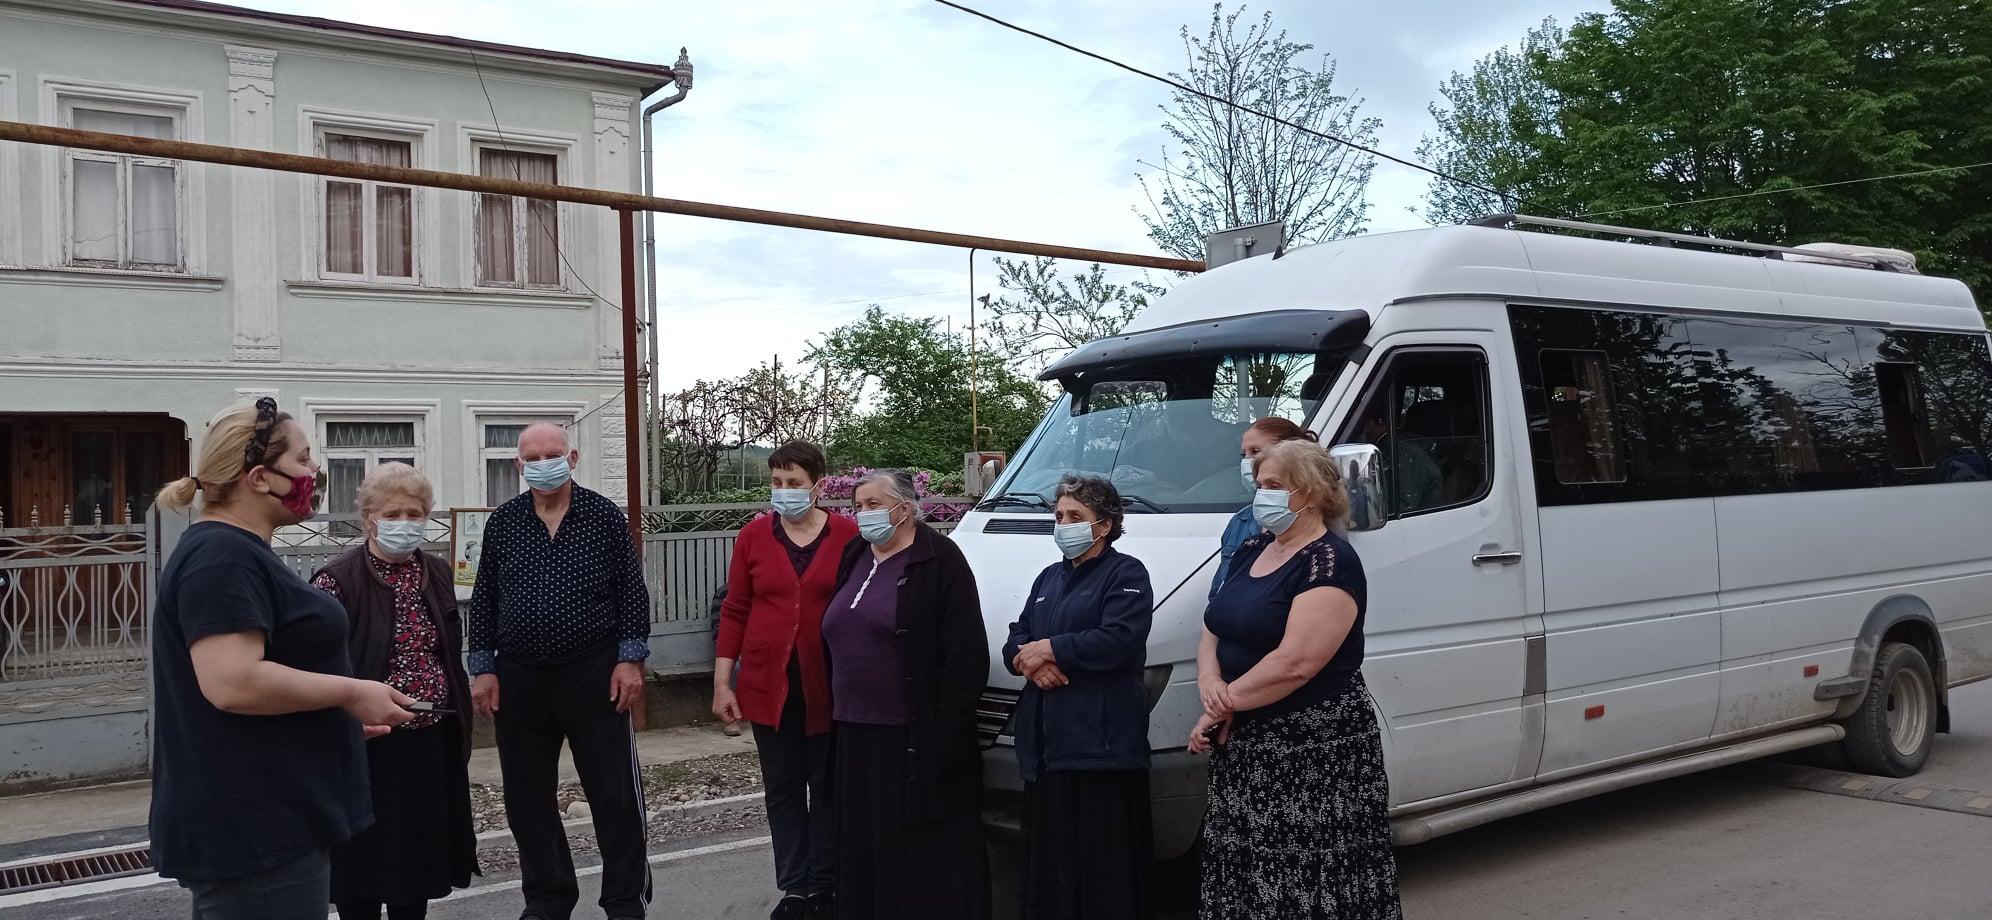 ლაზის და დარასელიას ქუჩის მაცხოვრებლებს სამარშუტო ტაქსი მოემსახურება